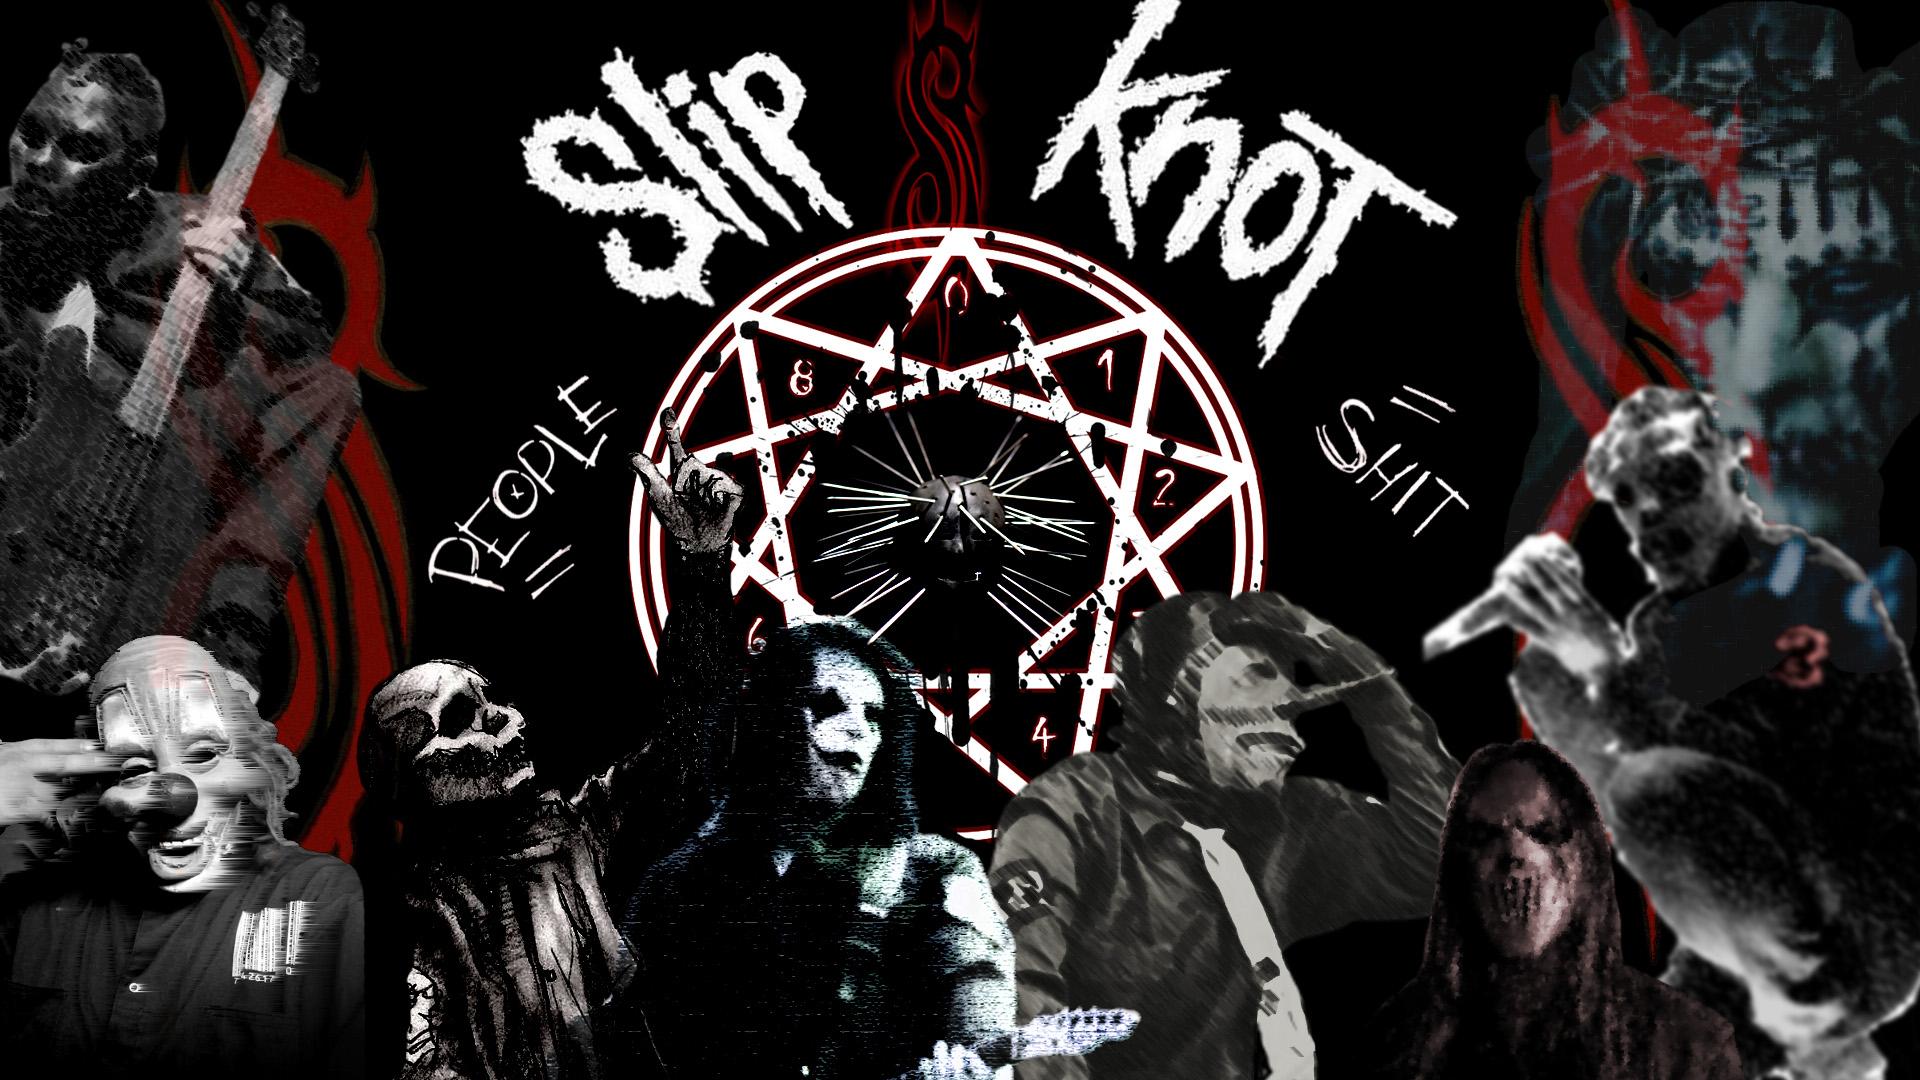 Slipknot Wallpapers